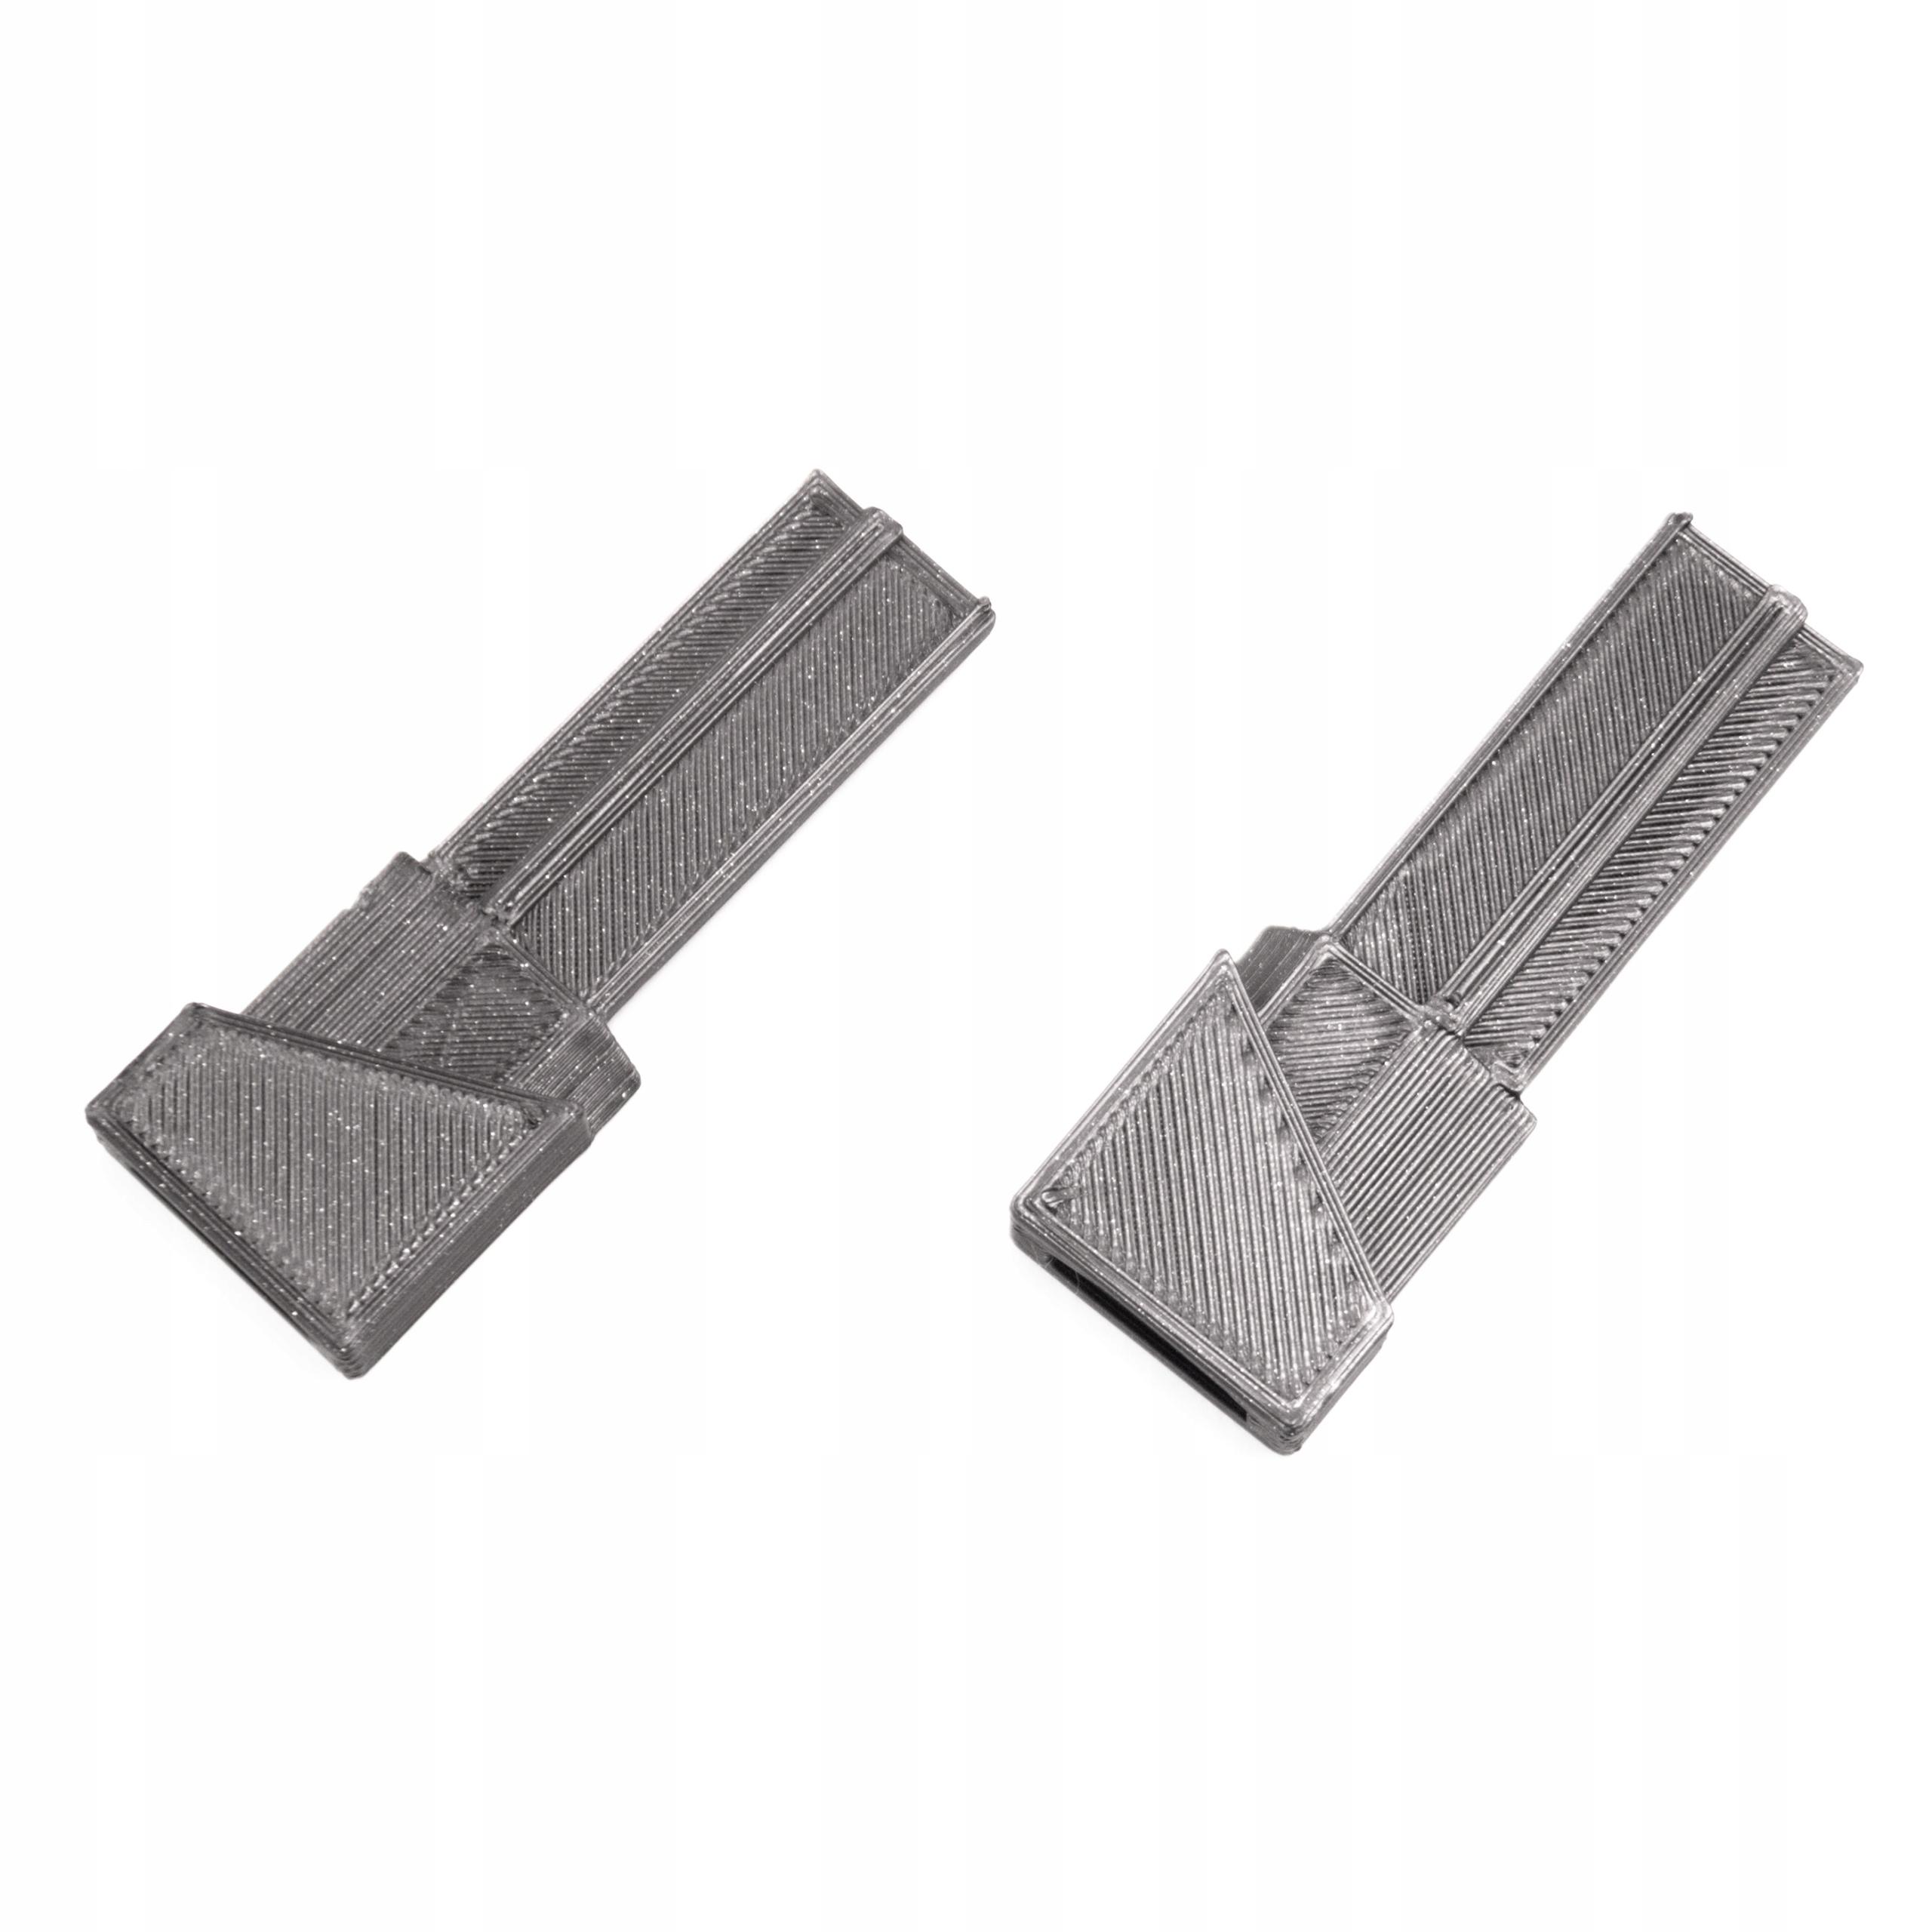 направляющая peugeot 508 sw блокировка рольставни - комплект